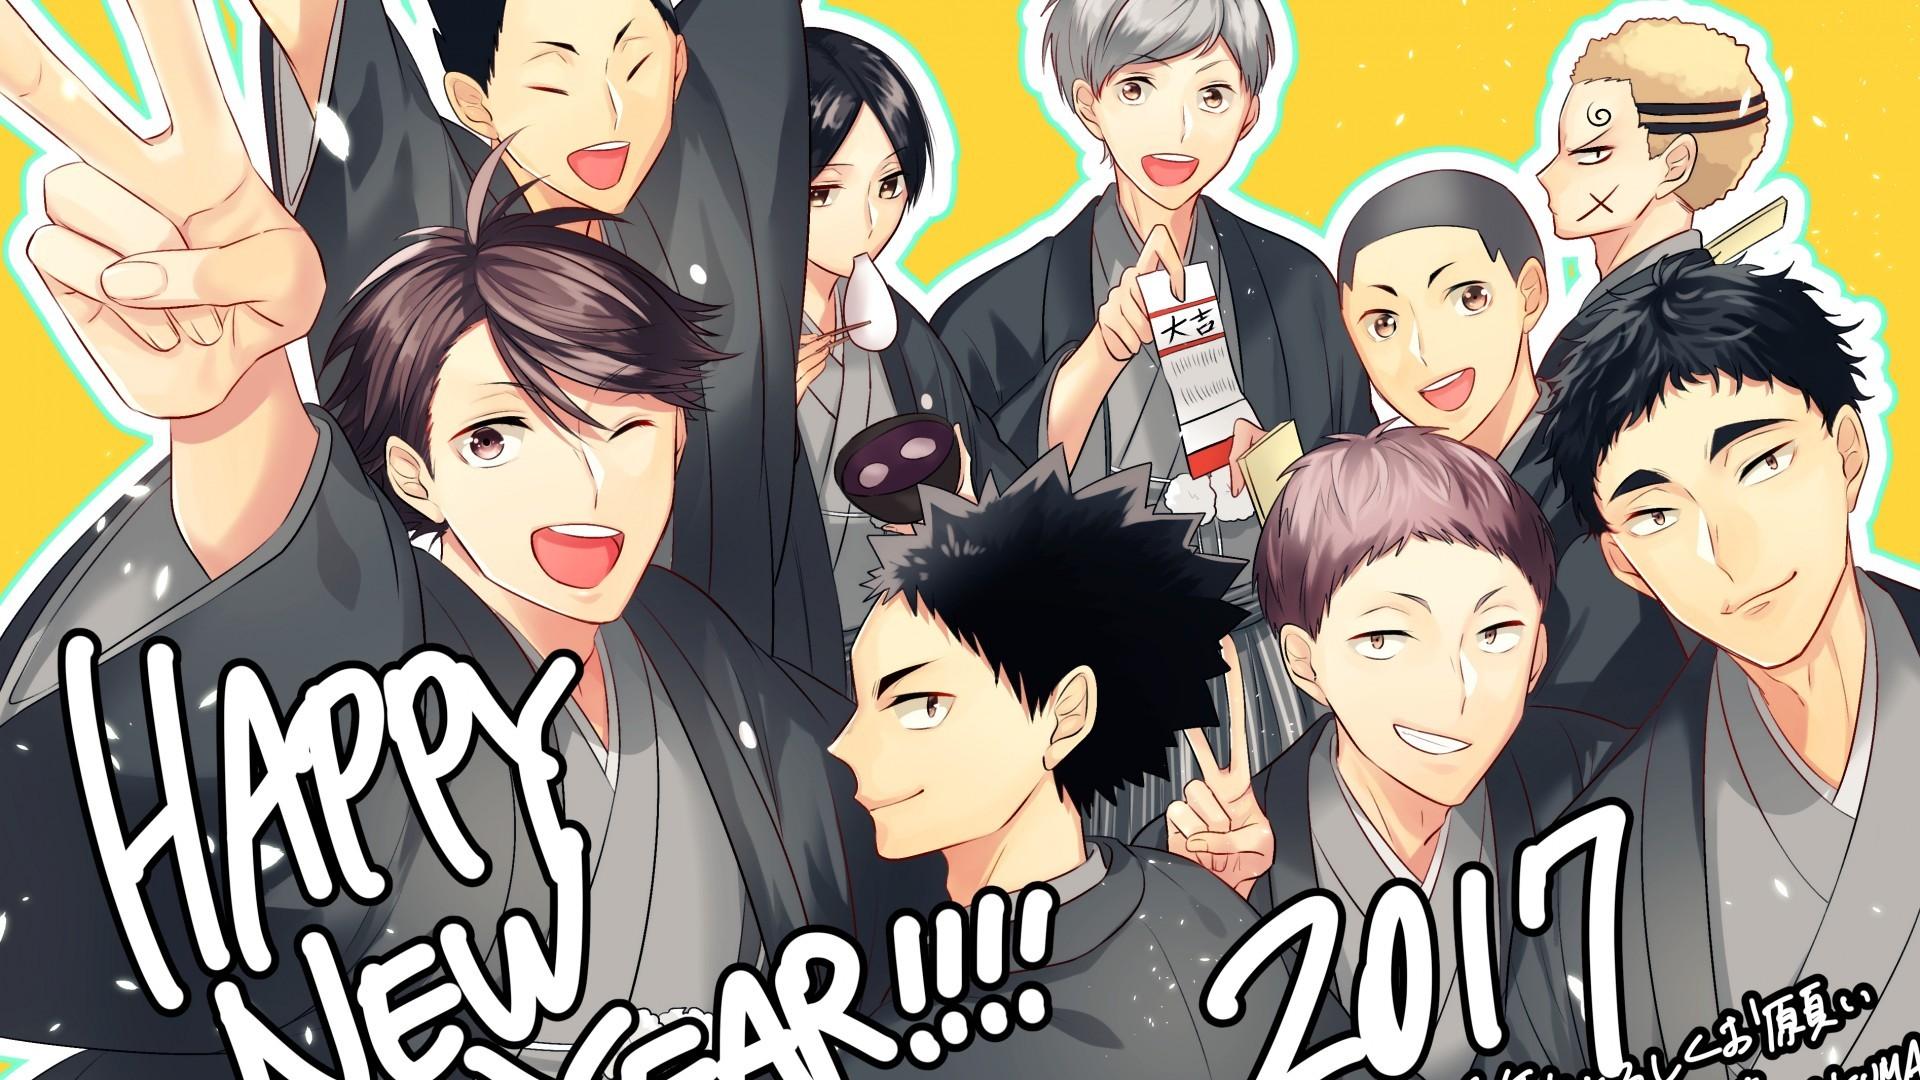 Haikyuu, Oikawa Toru, Matsukawa Issei, Hanamaki Takahiro, - Haikyuu - HD Wallpaper